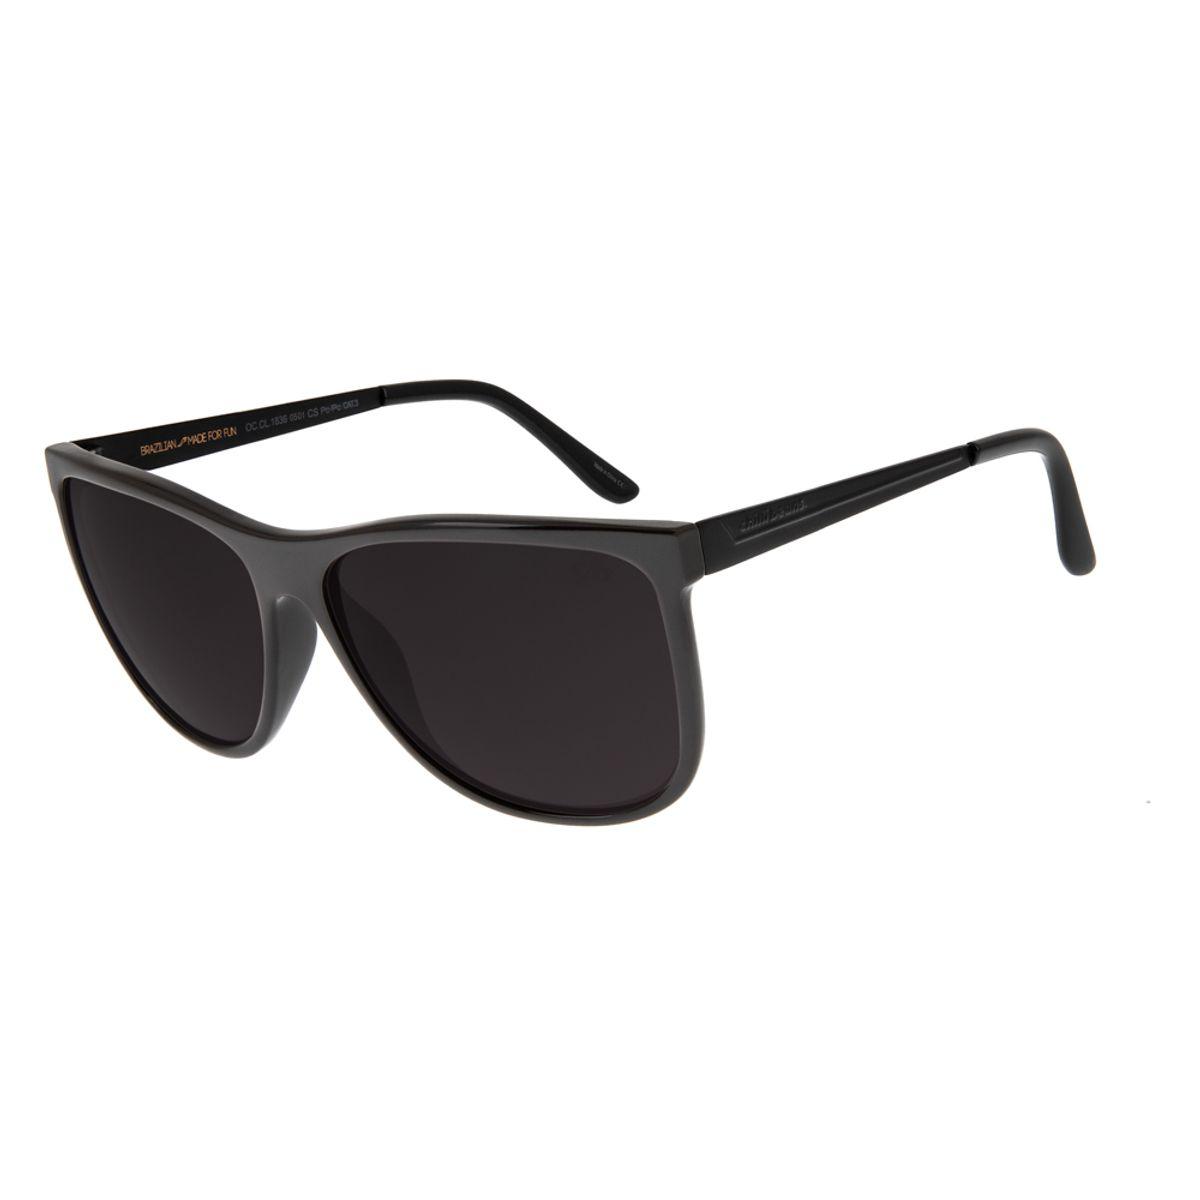 8eb743795 Óculos de Sol Feminino Chilli Beans Quadrado Preto 1836 - Chilli Beans